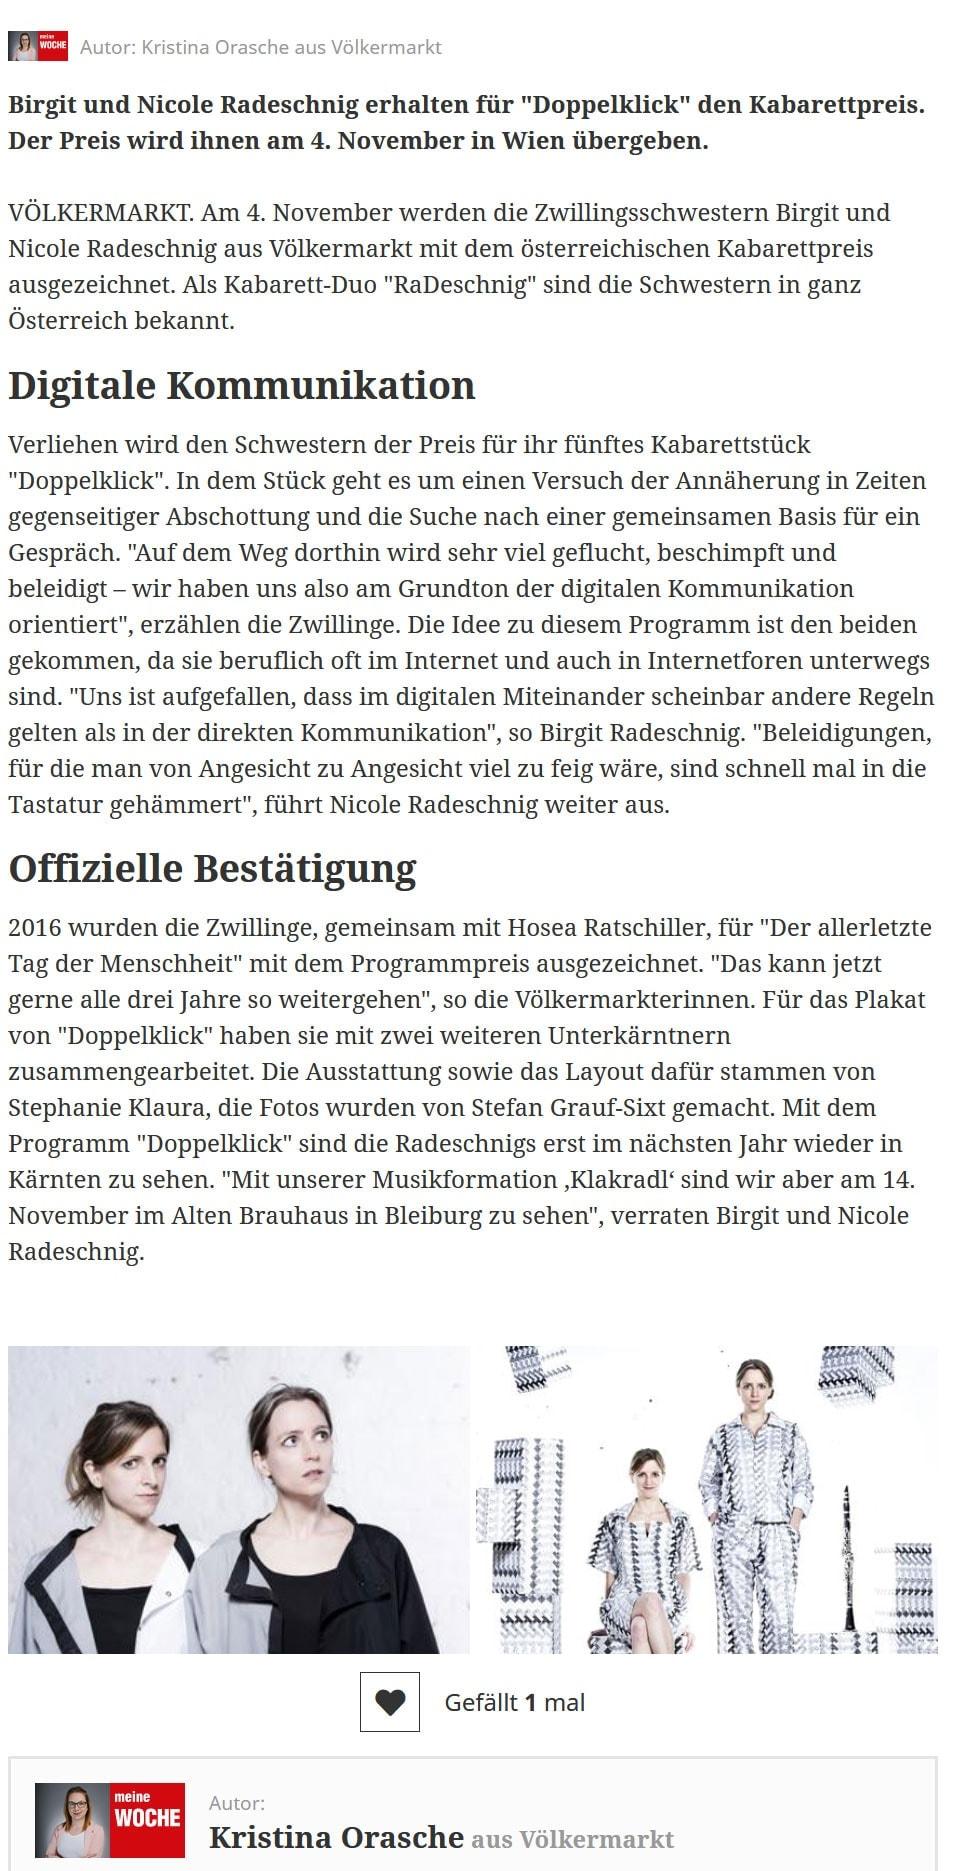 """19 09 09 meinbezirk radeschnig 02 - JUHU! Am 4. November erhalten Birgit und Nicole Radeschnig den Österreichischen Kabarettpreis für ihr aktuelles Programm: """"Doppelklick""""."""